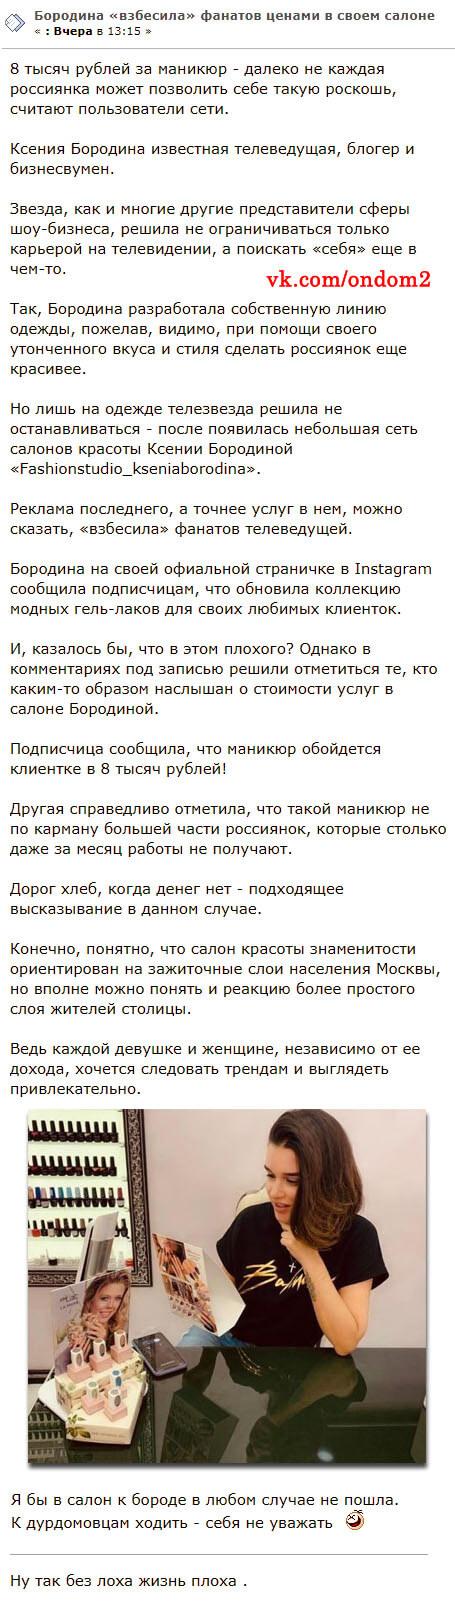 Новость про салон Ксении Бородиной